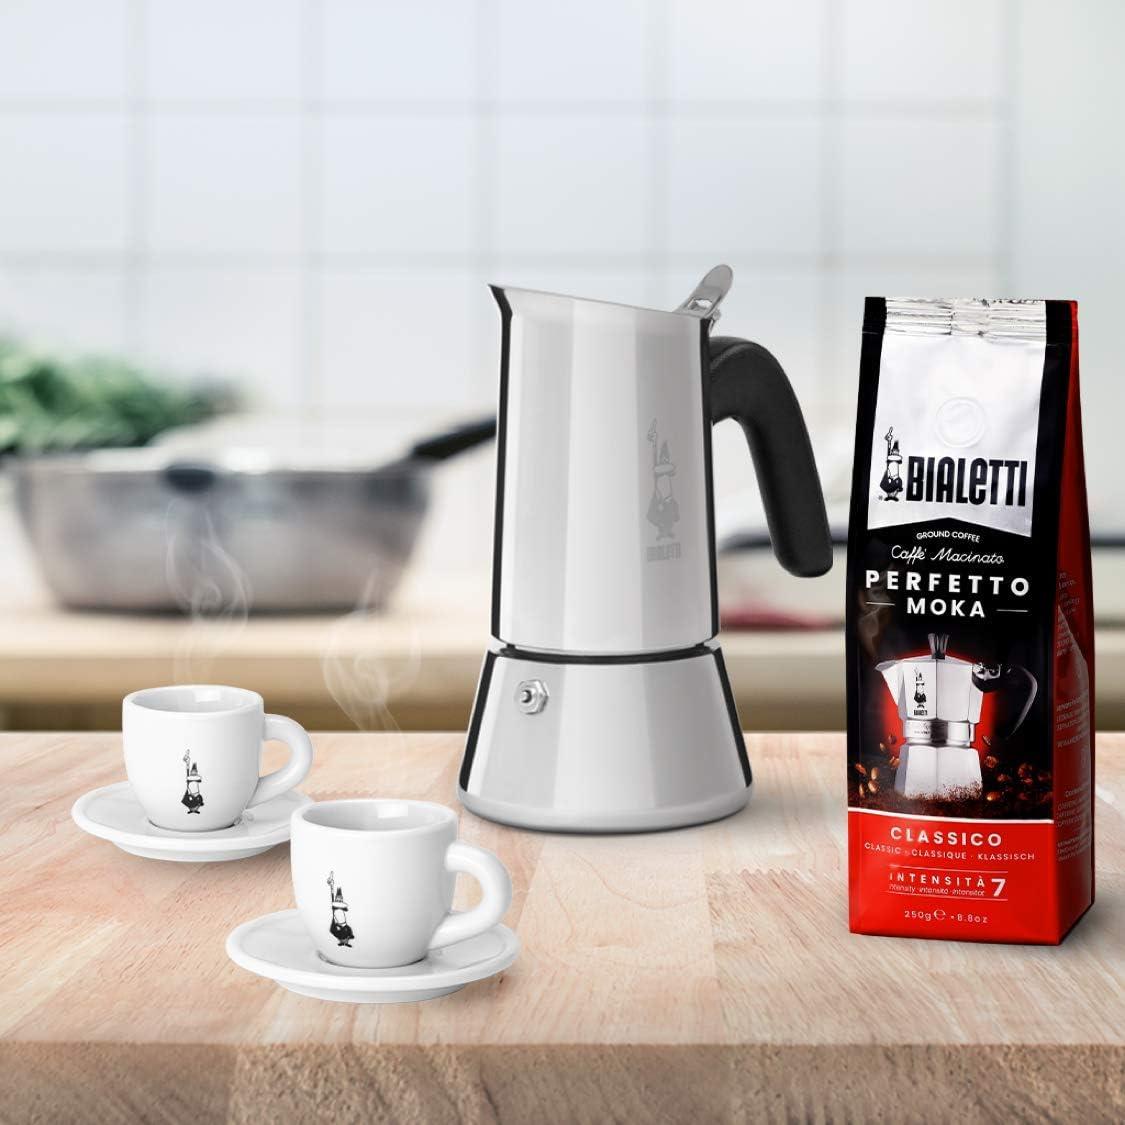 医用级不锈钢,电磁炉可用:4杯量 比乐蒂 新款venus不锈钢电热意式摩卡咖啡壶